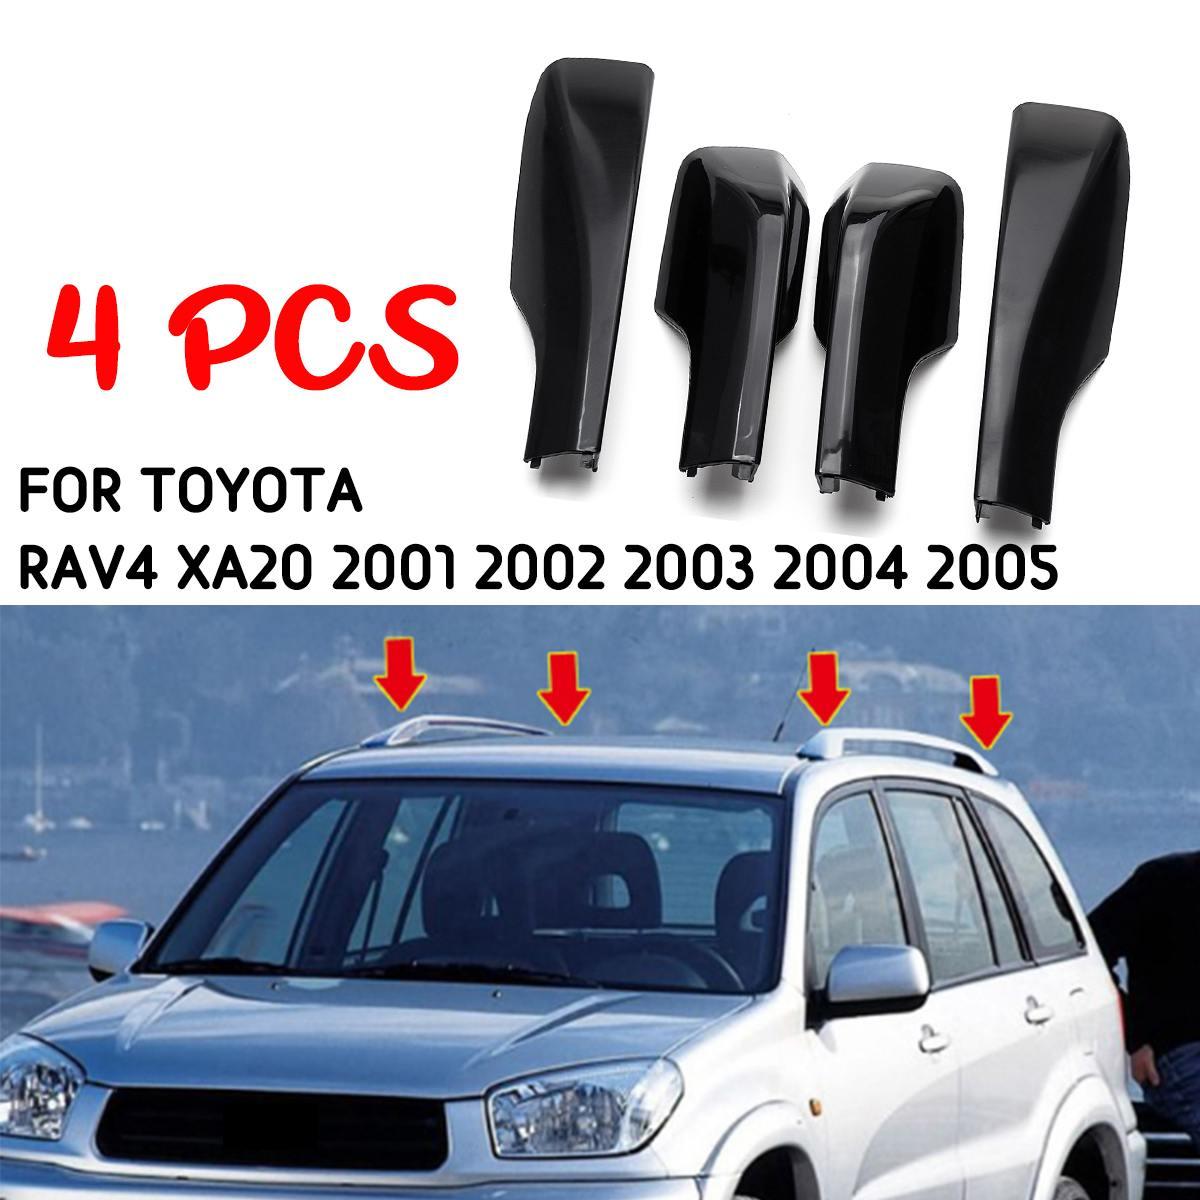 4Pcs Ersatz Für Toyota RAV4 XA20 2001 2002 2003 2004 2005 Schwarz Auto Styling Dach Rack Abdeckung Bar Schiene ende Shell Zubehör